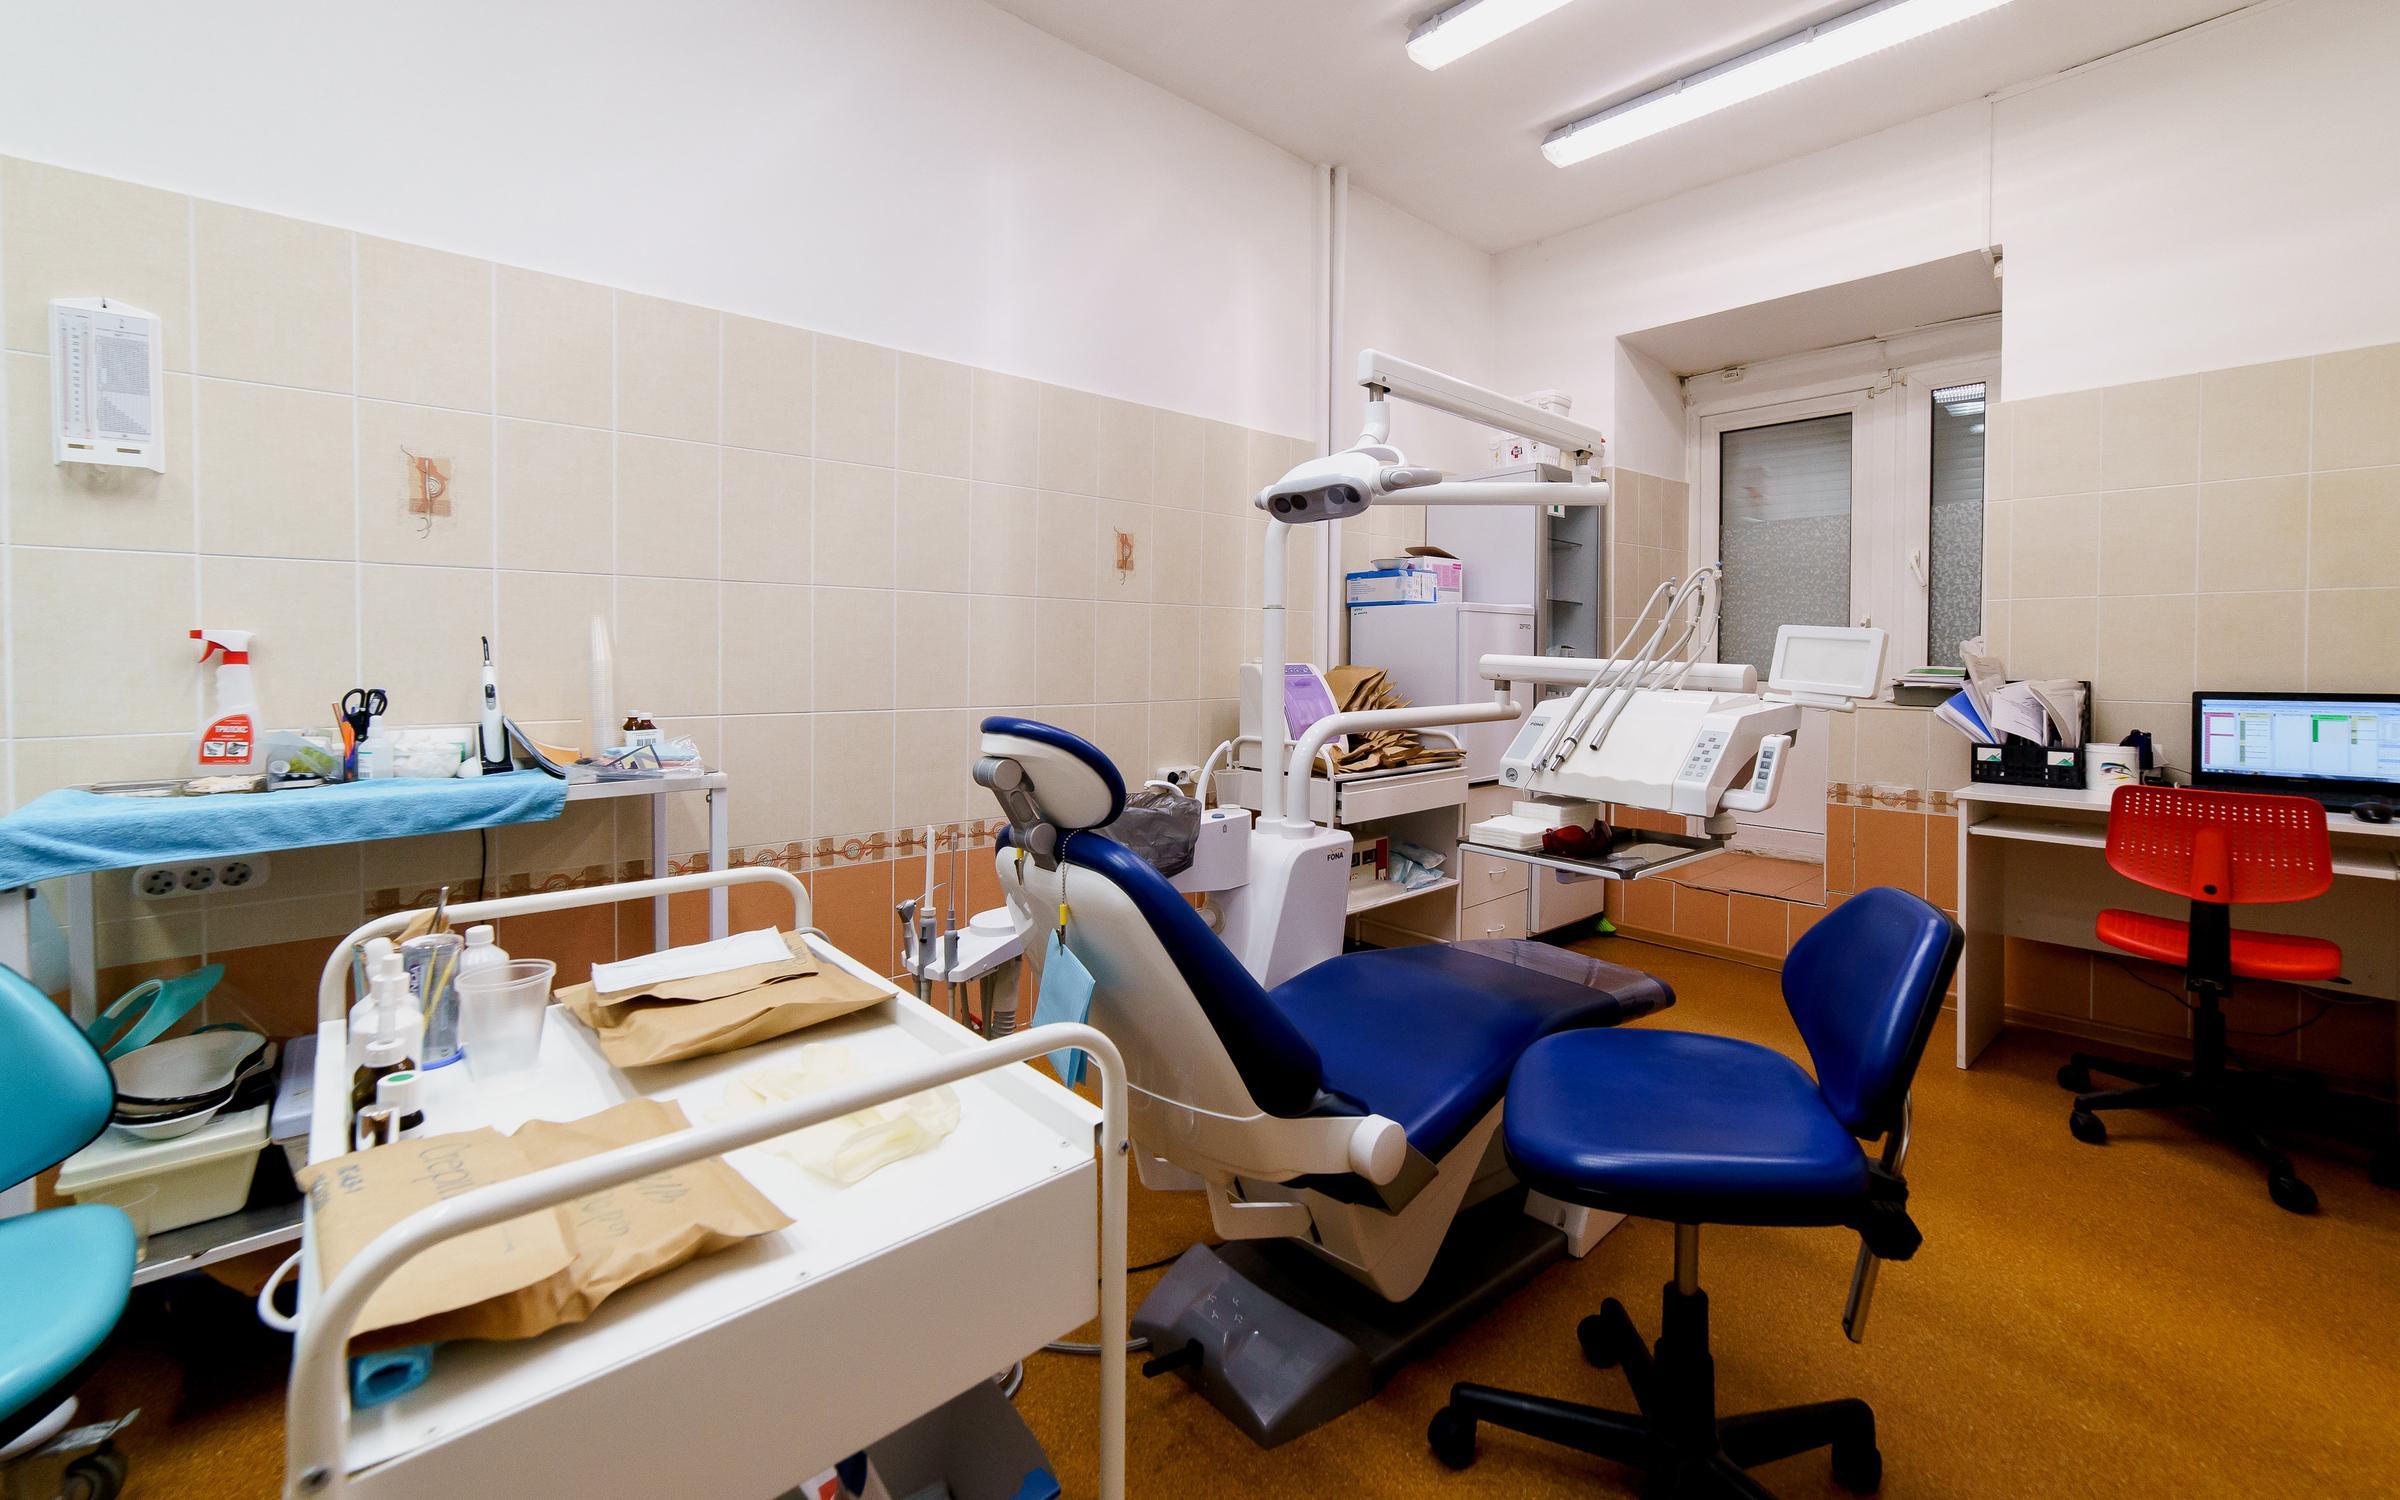 фотография Частная стоматологическая клиника Волоховой А.С. в Нижегородском районе